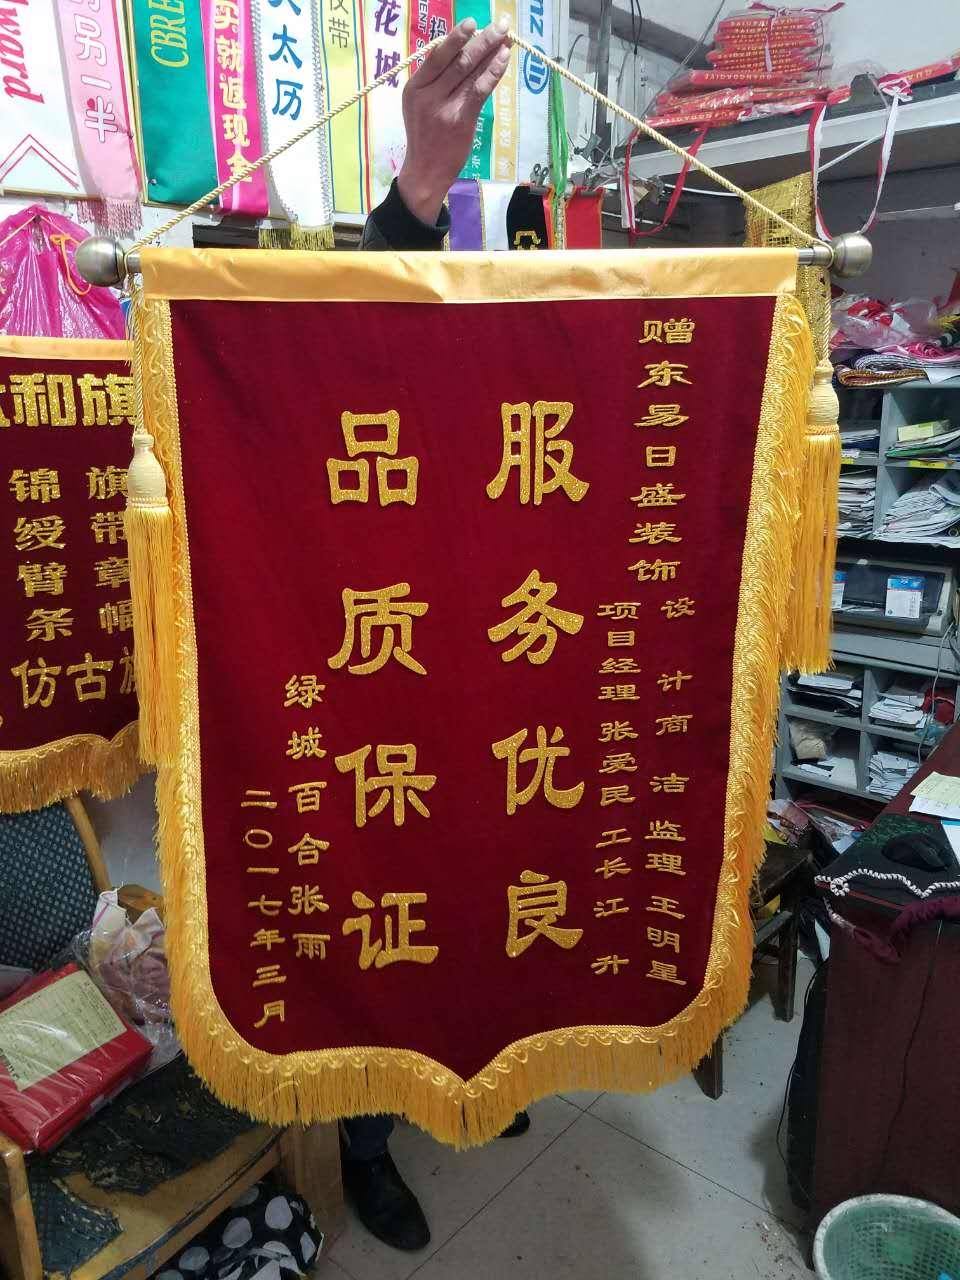 赠与装修公司的金字锦旗绶带制作